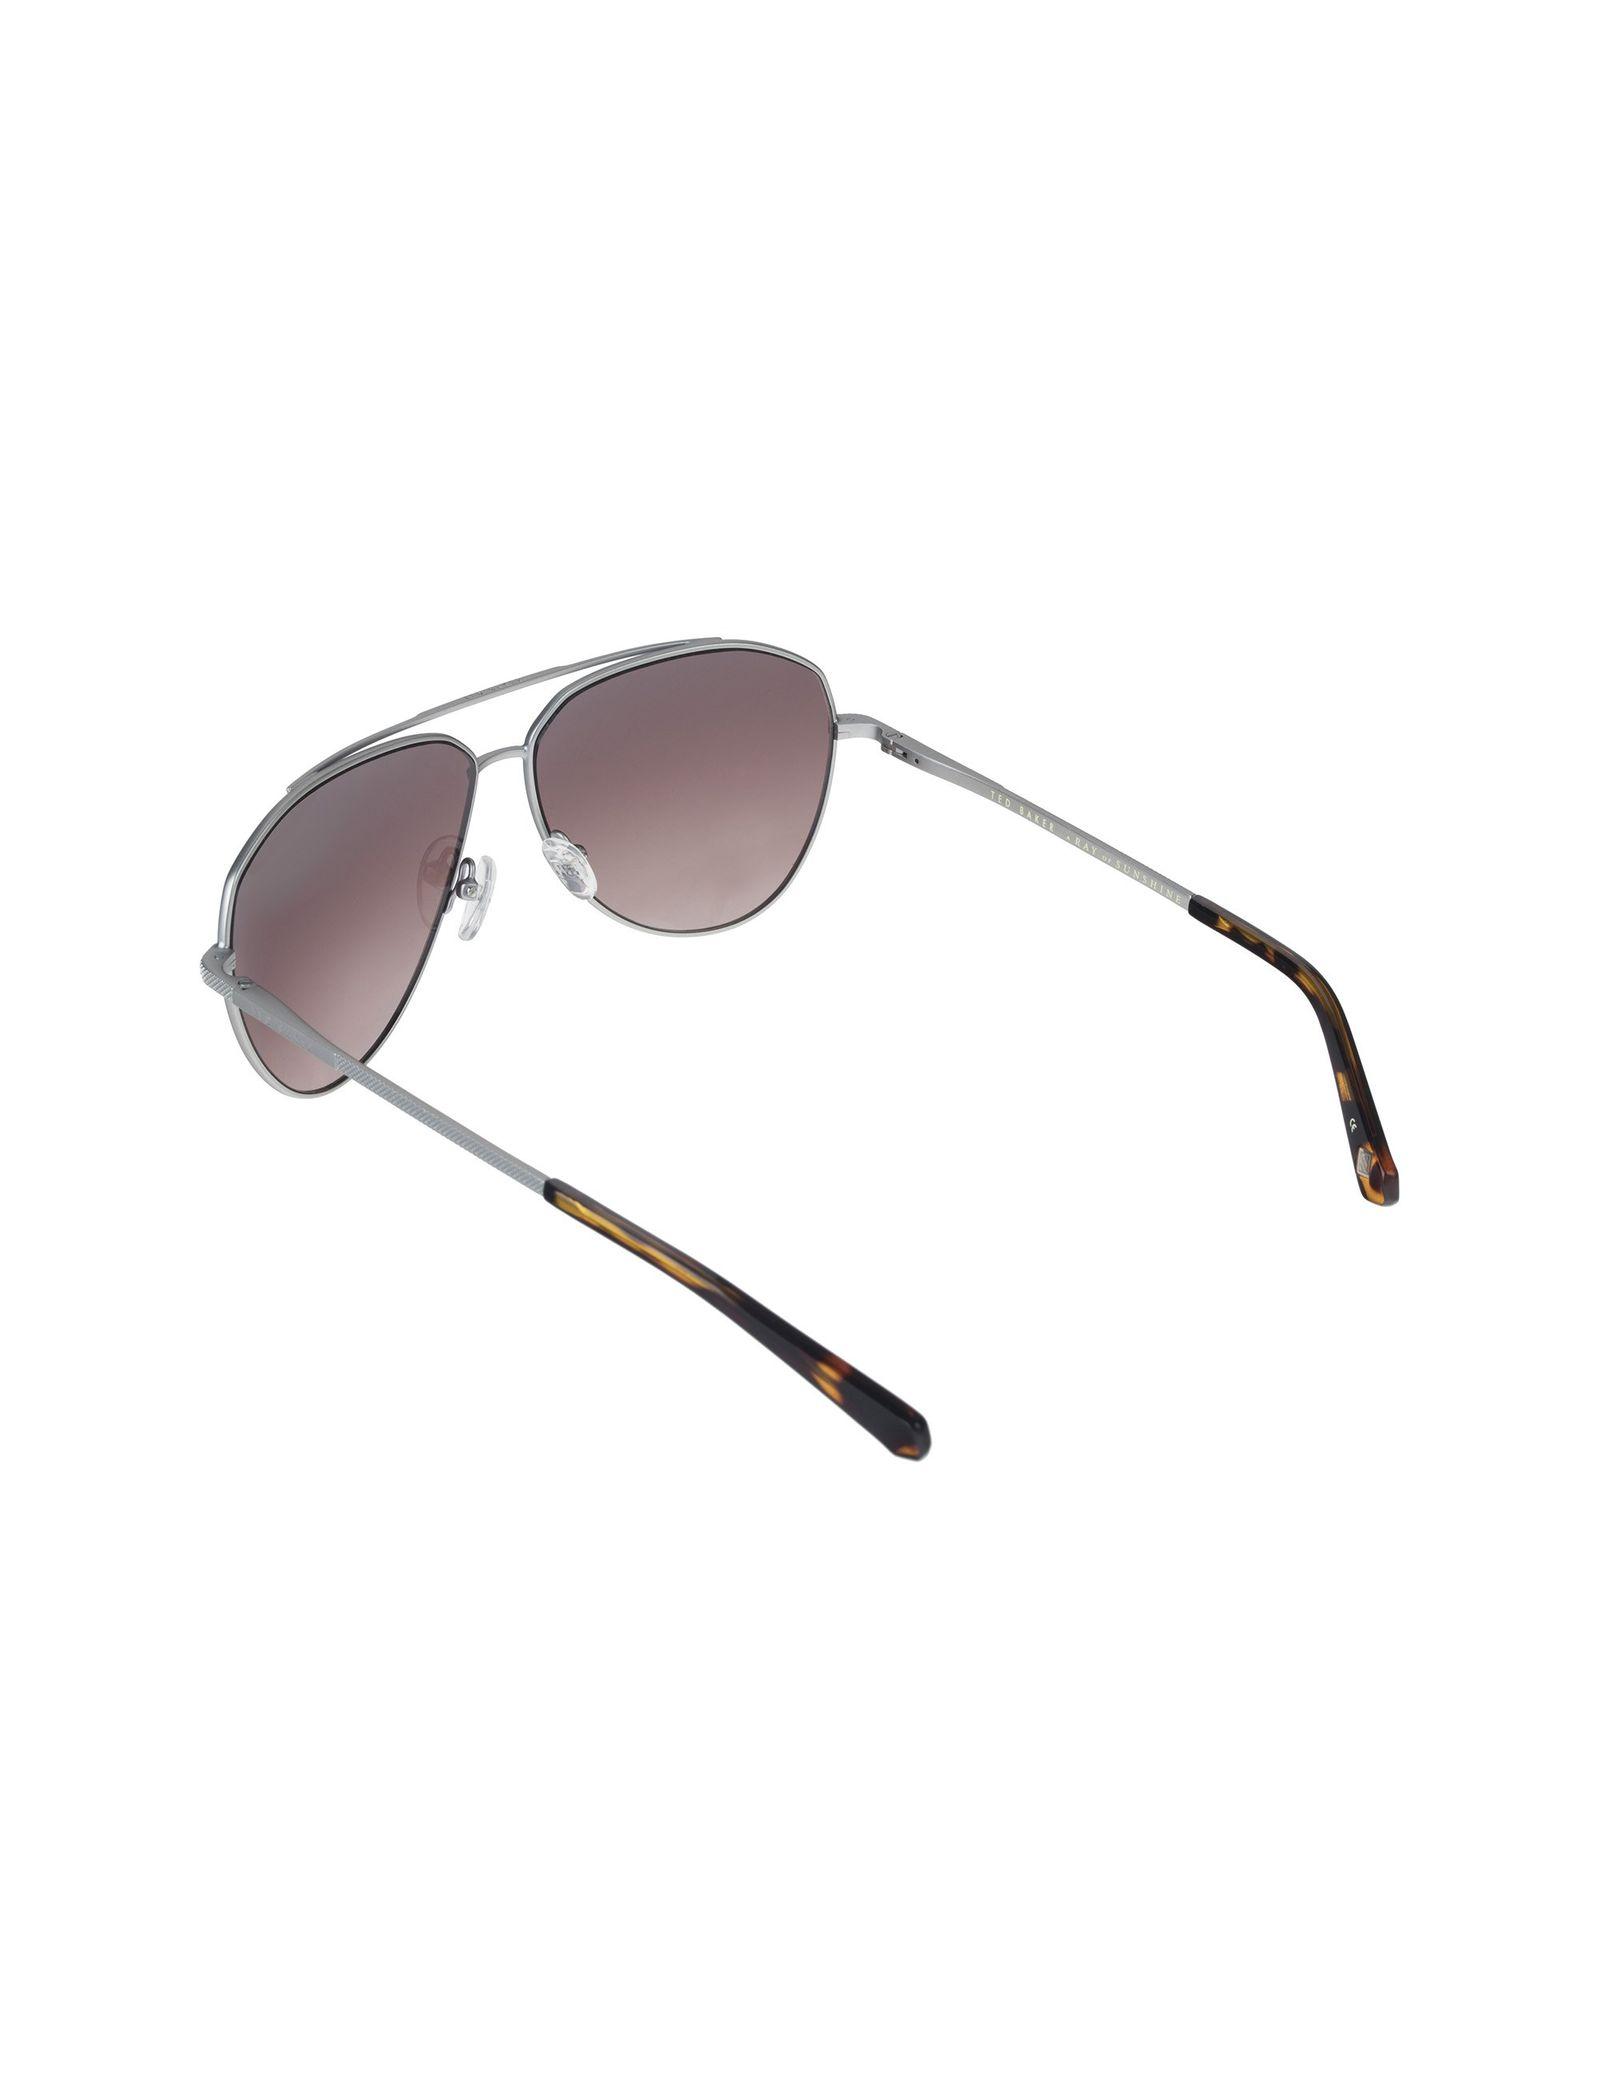 عینک آفتابی خلبانی بزرگسال - تد بیکر - نقره اي - 4